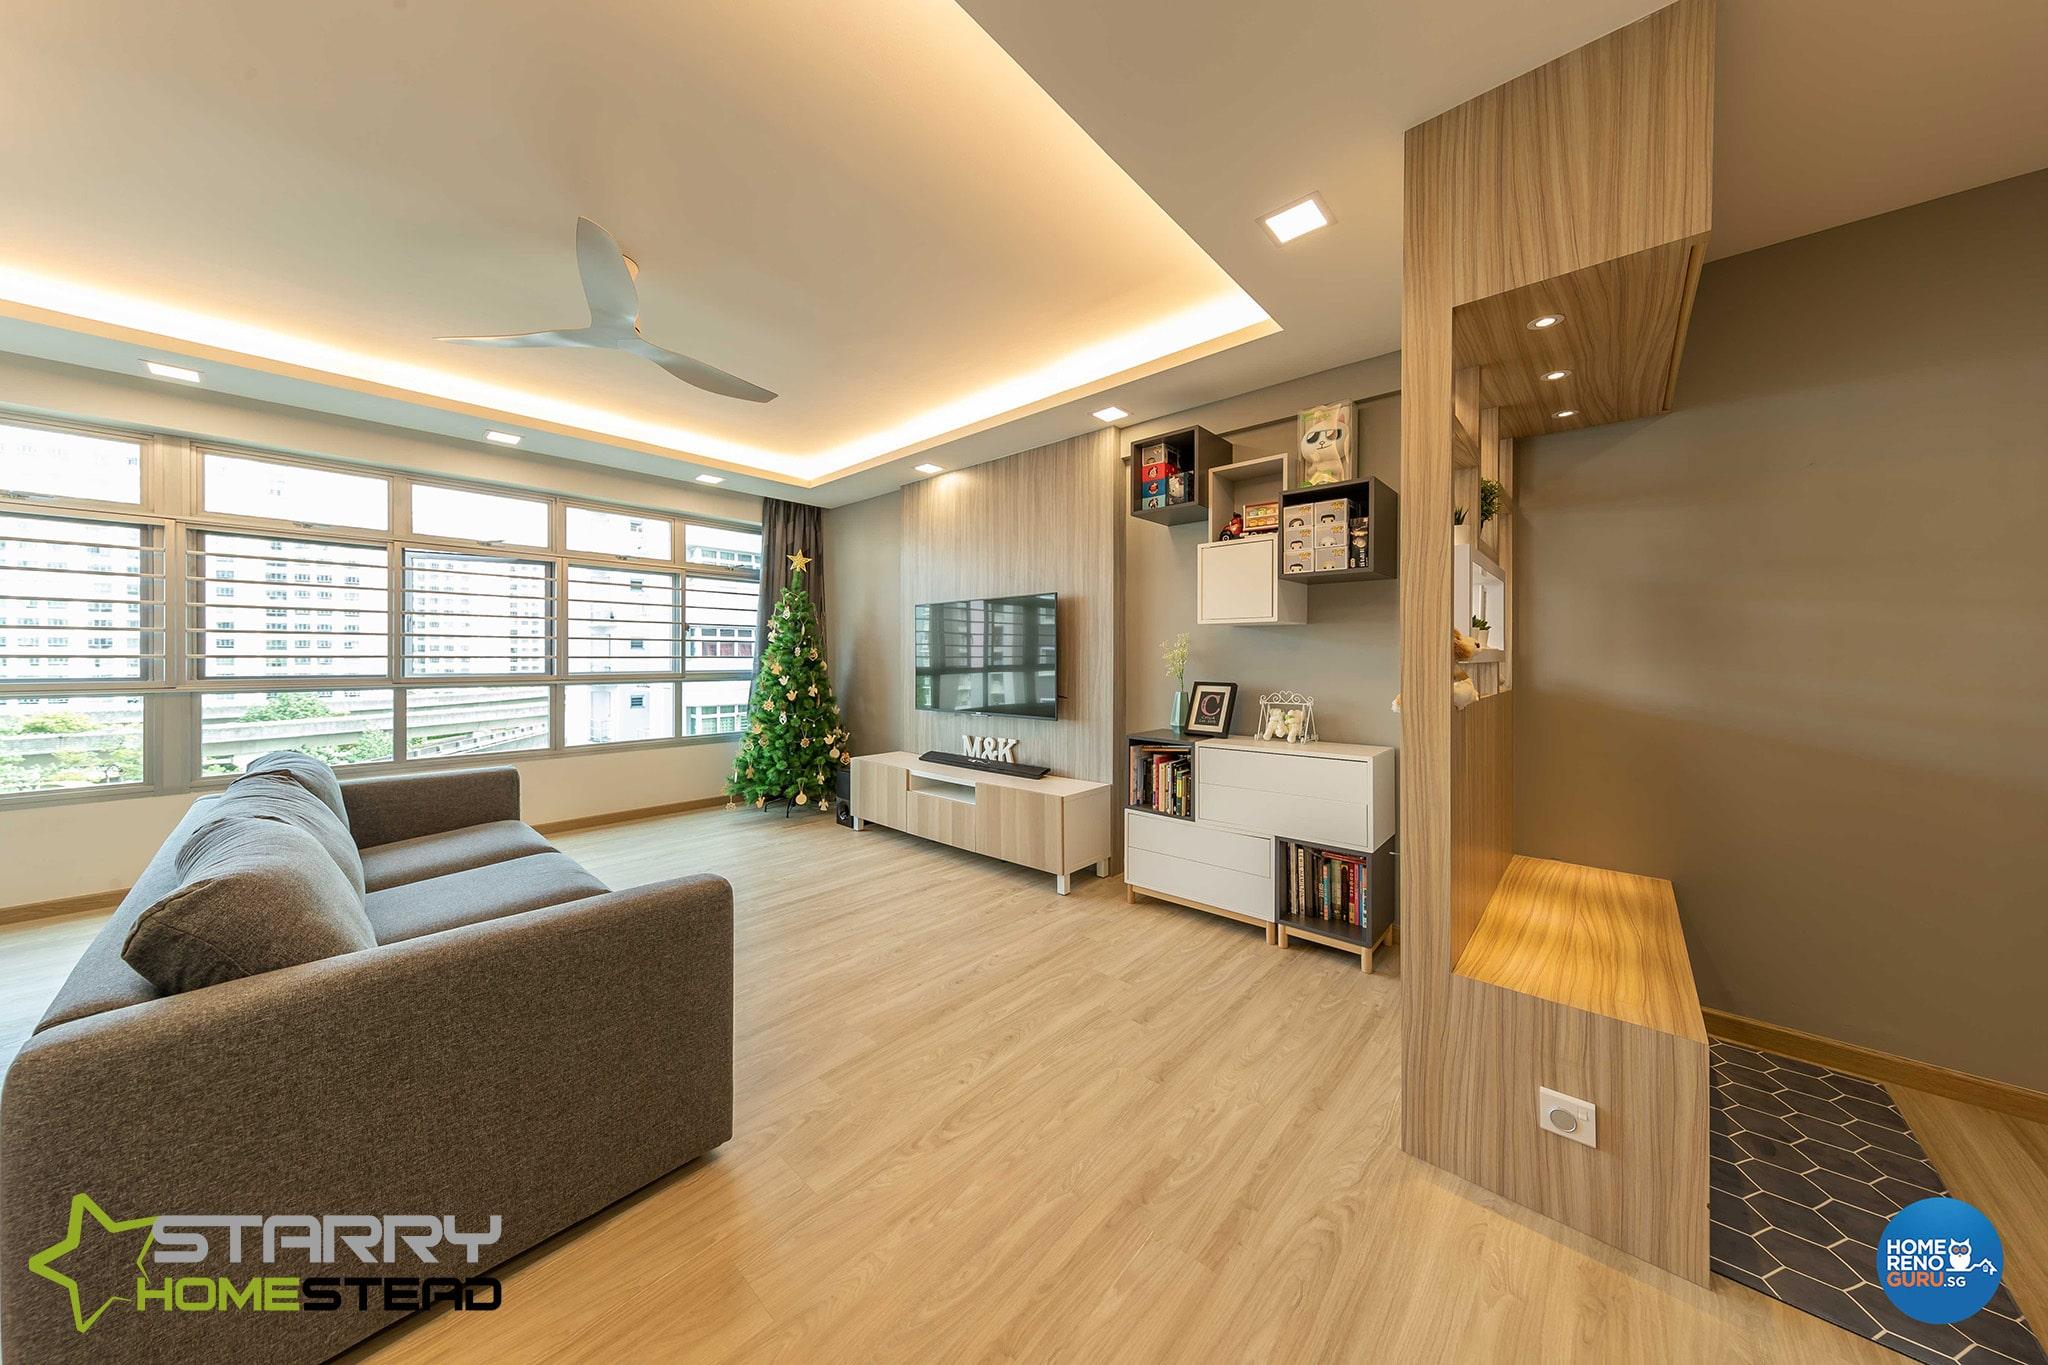 207D Punggol Place 1 min